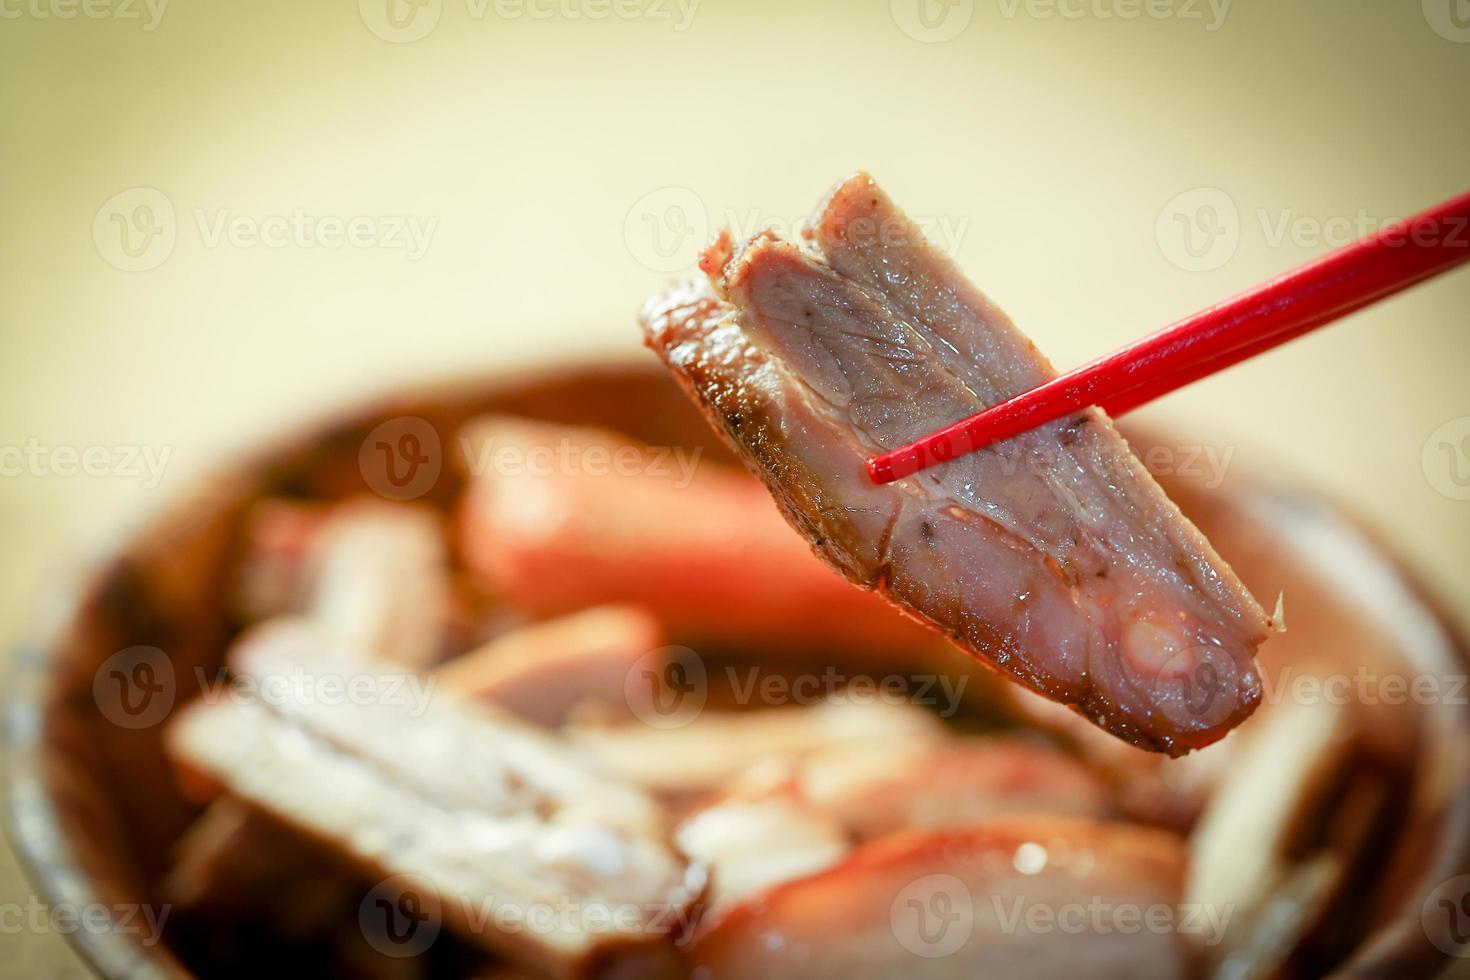 Chinese fry pork photo